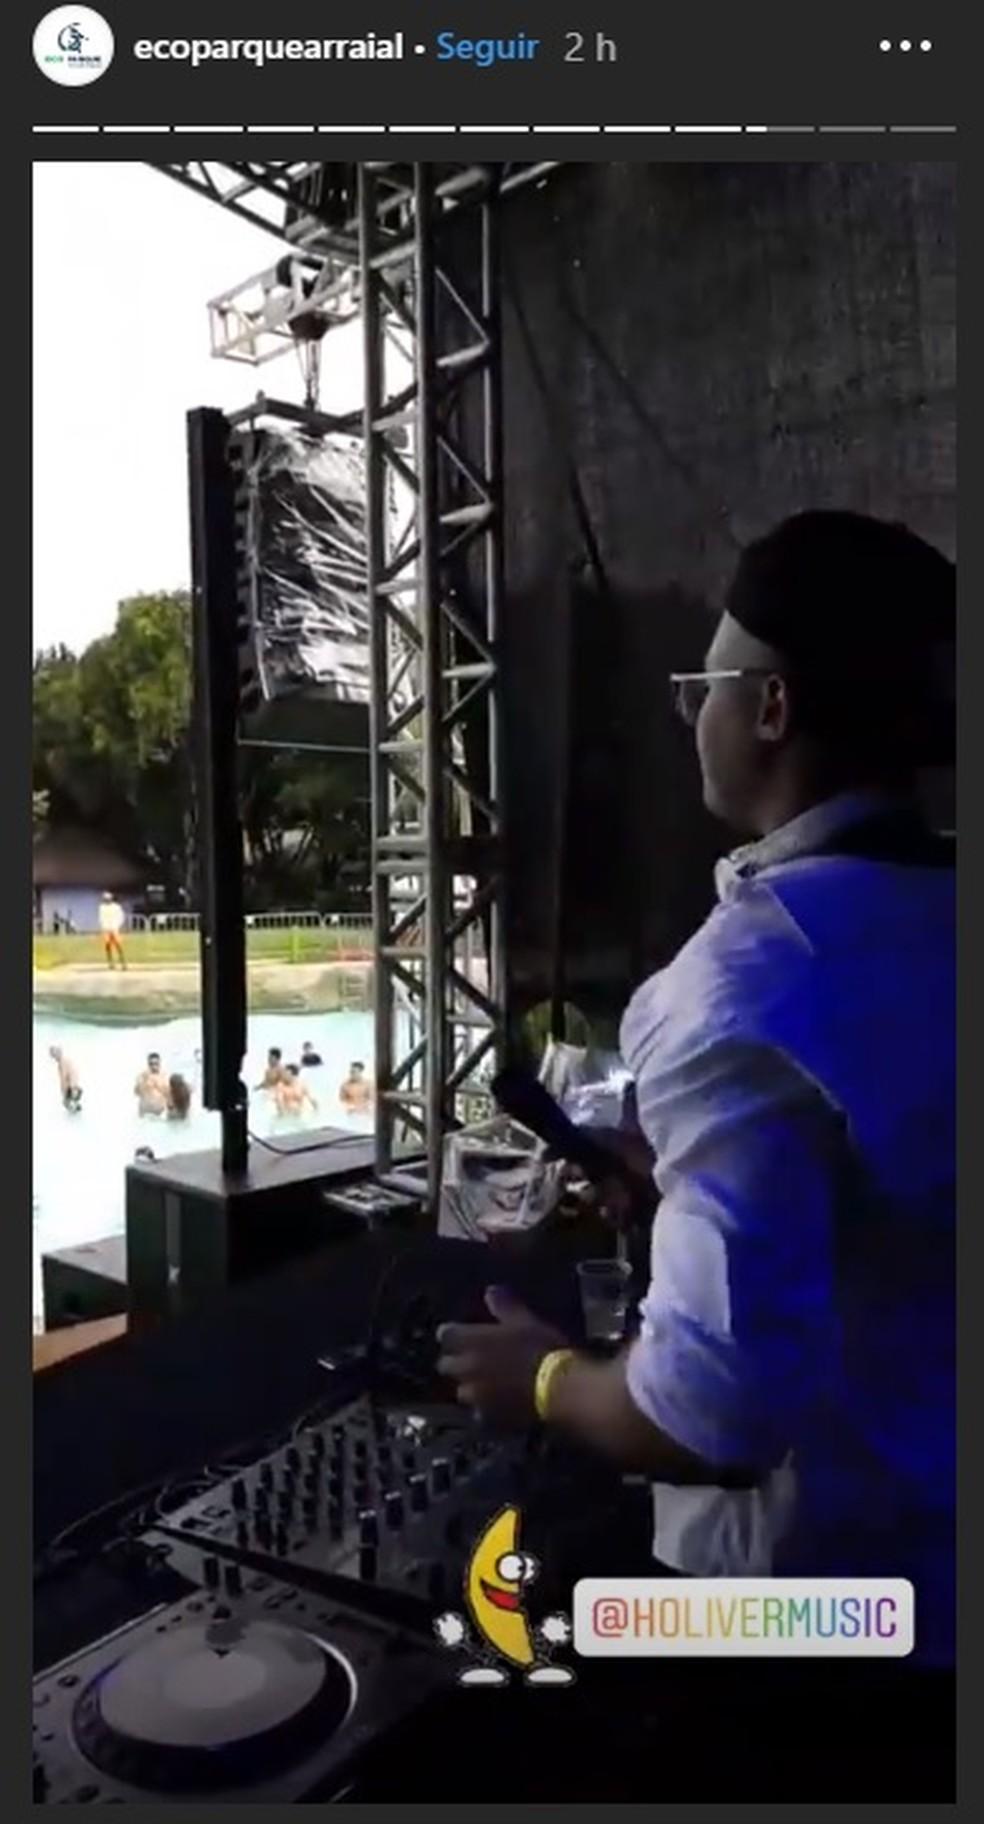 DJ Holiver, contratado para abrir a festa, estendeu apresentação após cancelamento do show de Kevinho — Foto: Reprodução/ Instagram